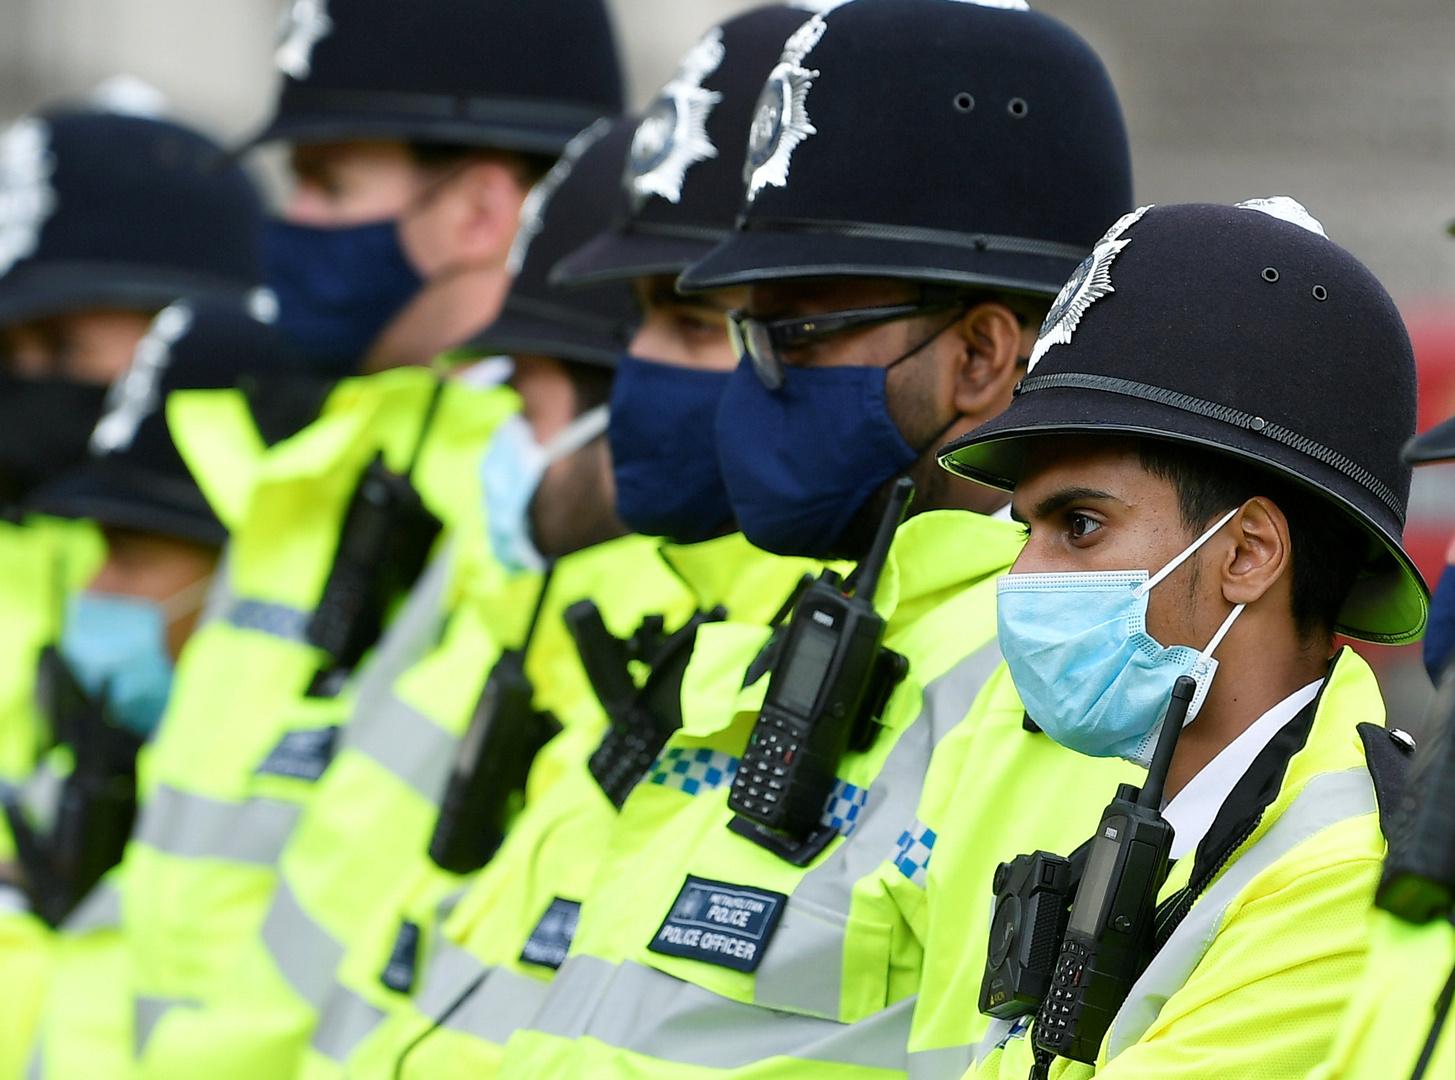 الشرطة البريطانية: لا نمتلك الموارد اللازمة للقيام بدوريات للتأكد من الالتزام بالإقفال العام